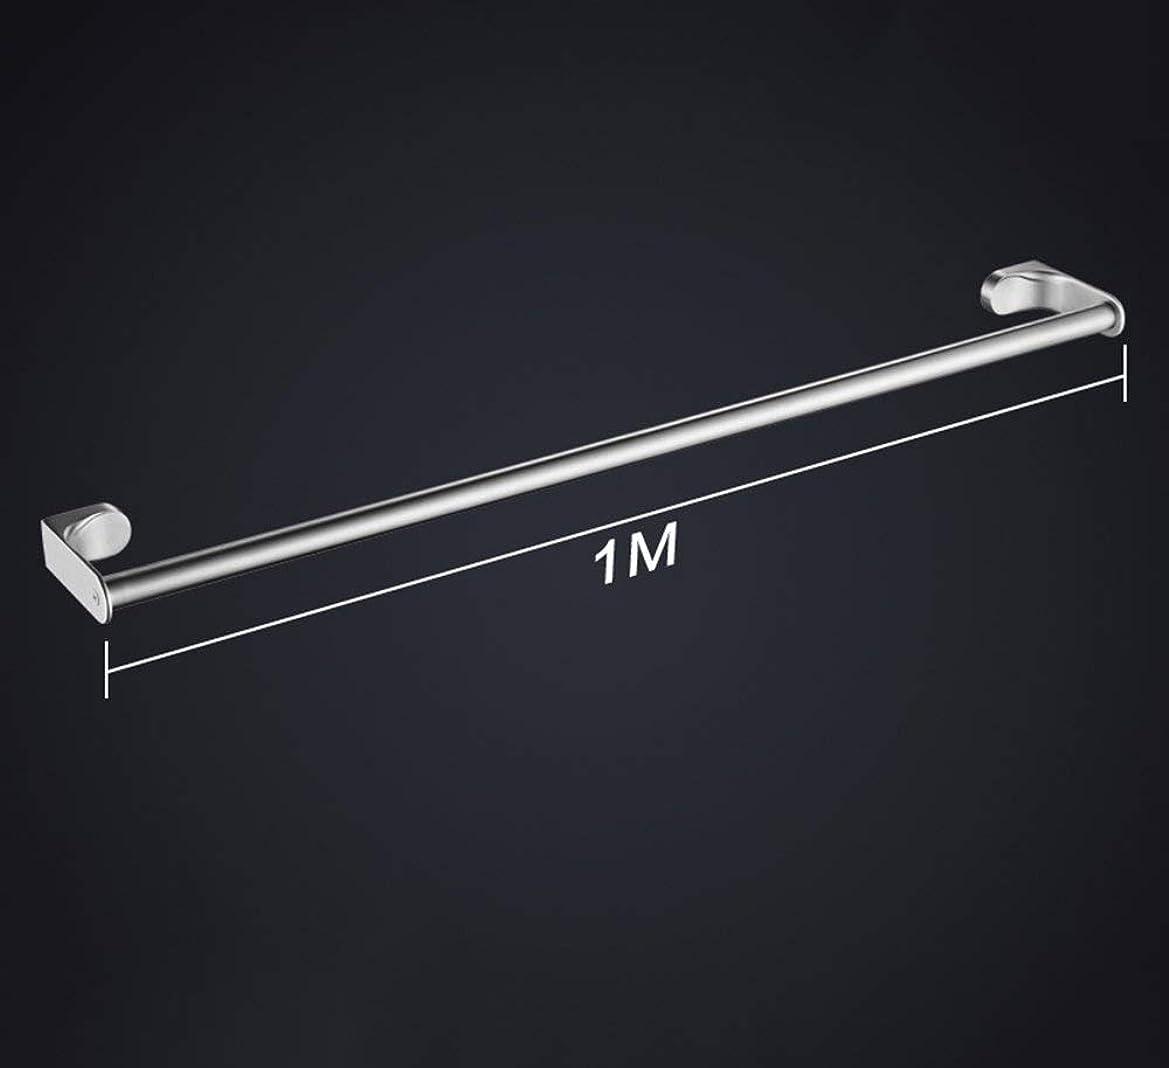 閉じる鑑定薬剤師304ステンレス鋼の浴室タオル棒単極の長い壁の浴室の洗面所の浴室ハードウェア付属品の穿孔器(サイズ:100cm)